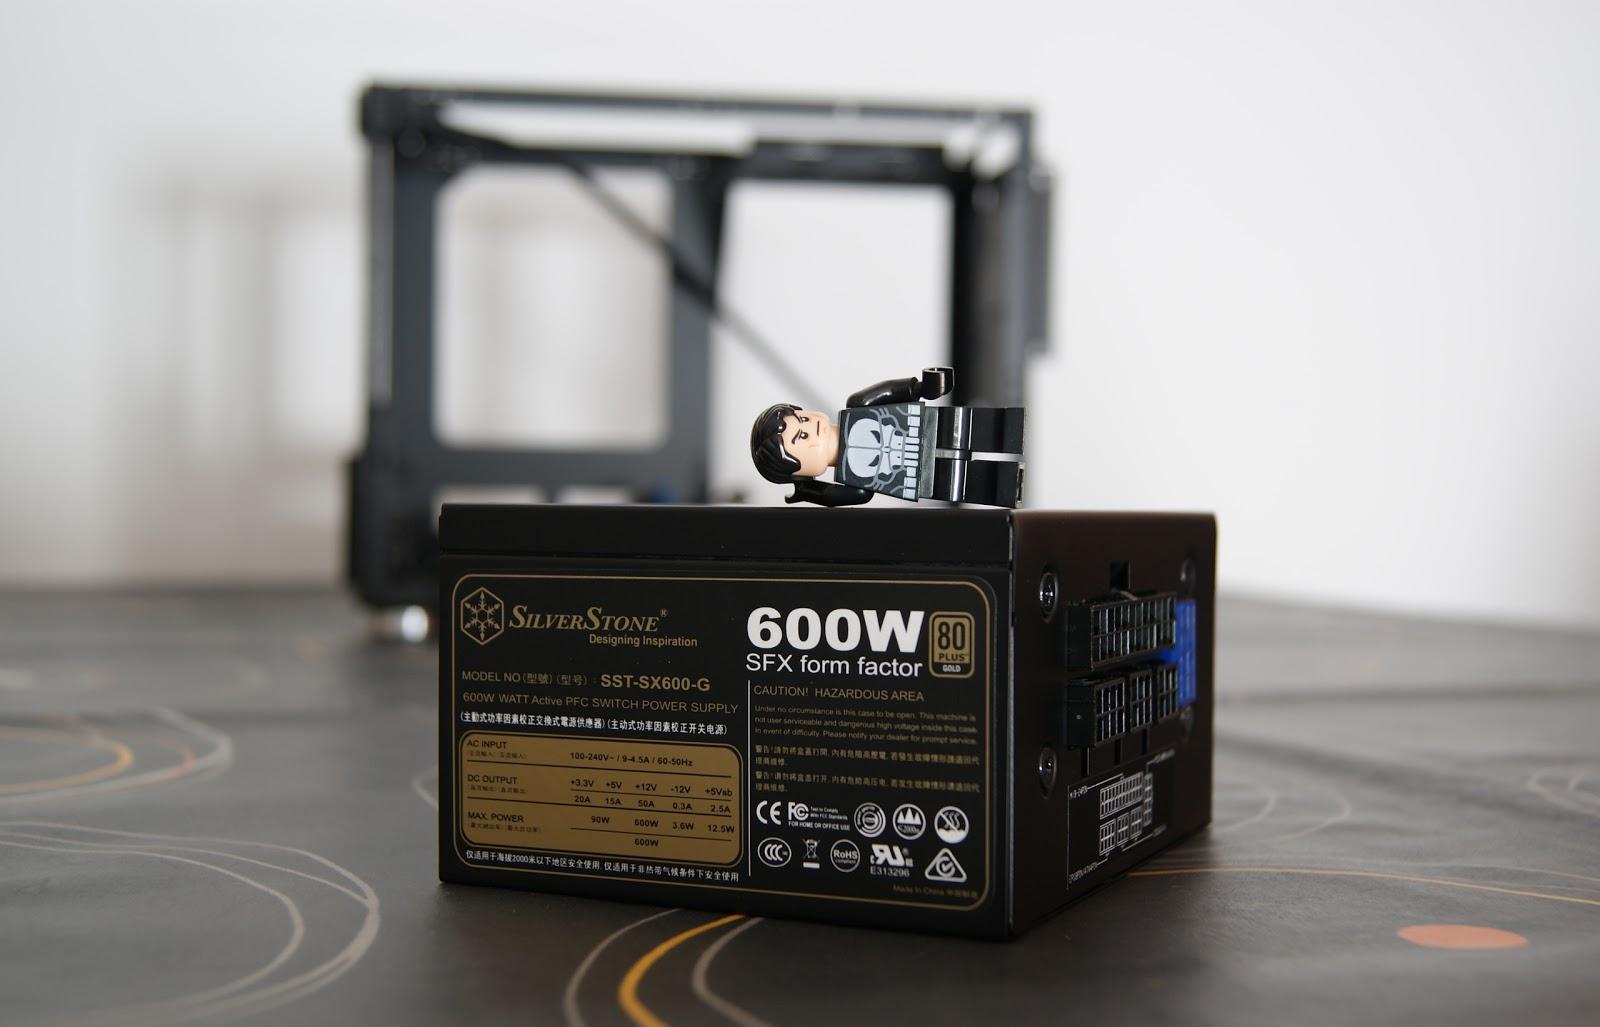 SilverStone SX600-G SFX - Minimax3 by dPunisher